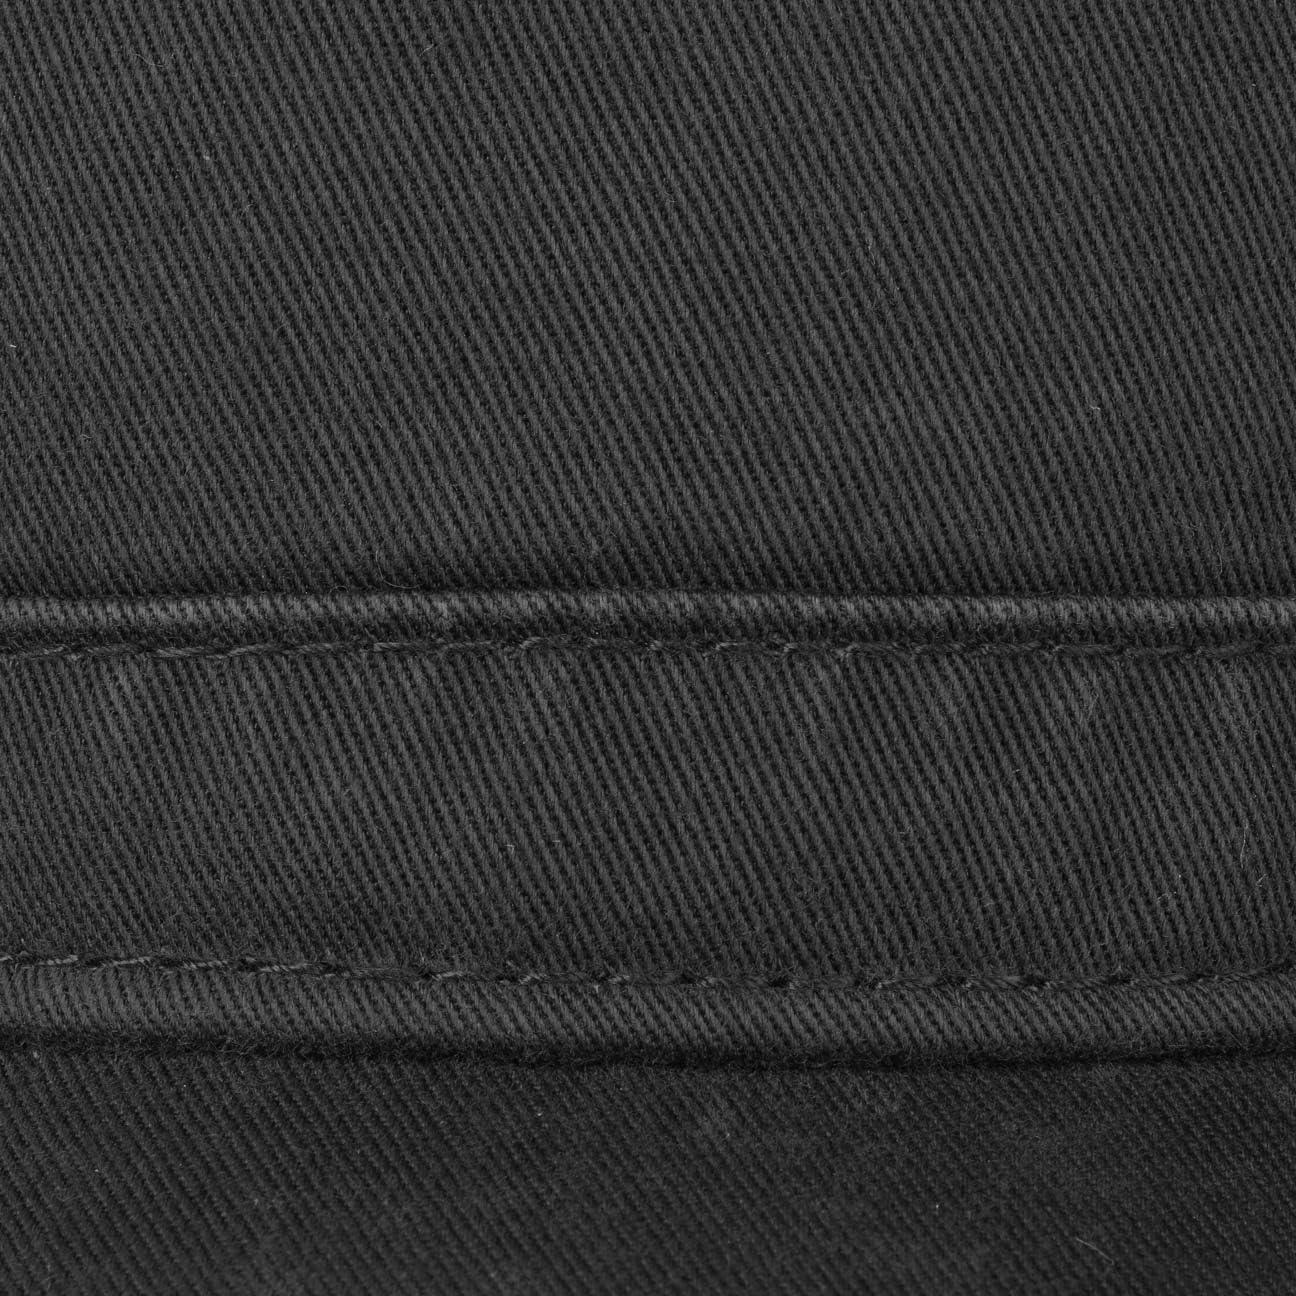 Stetson Gosper Army Urban Cappellino da Donna//Uomo Cappello Estivo e Invernale Cappellino Militare con Protezione UV Berretto Capellino Army in Cotone